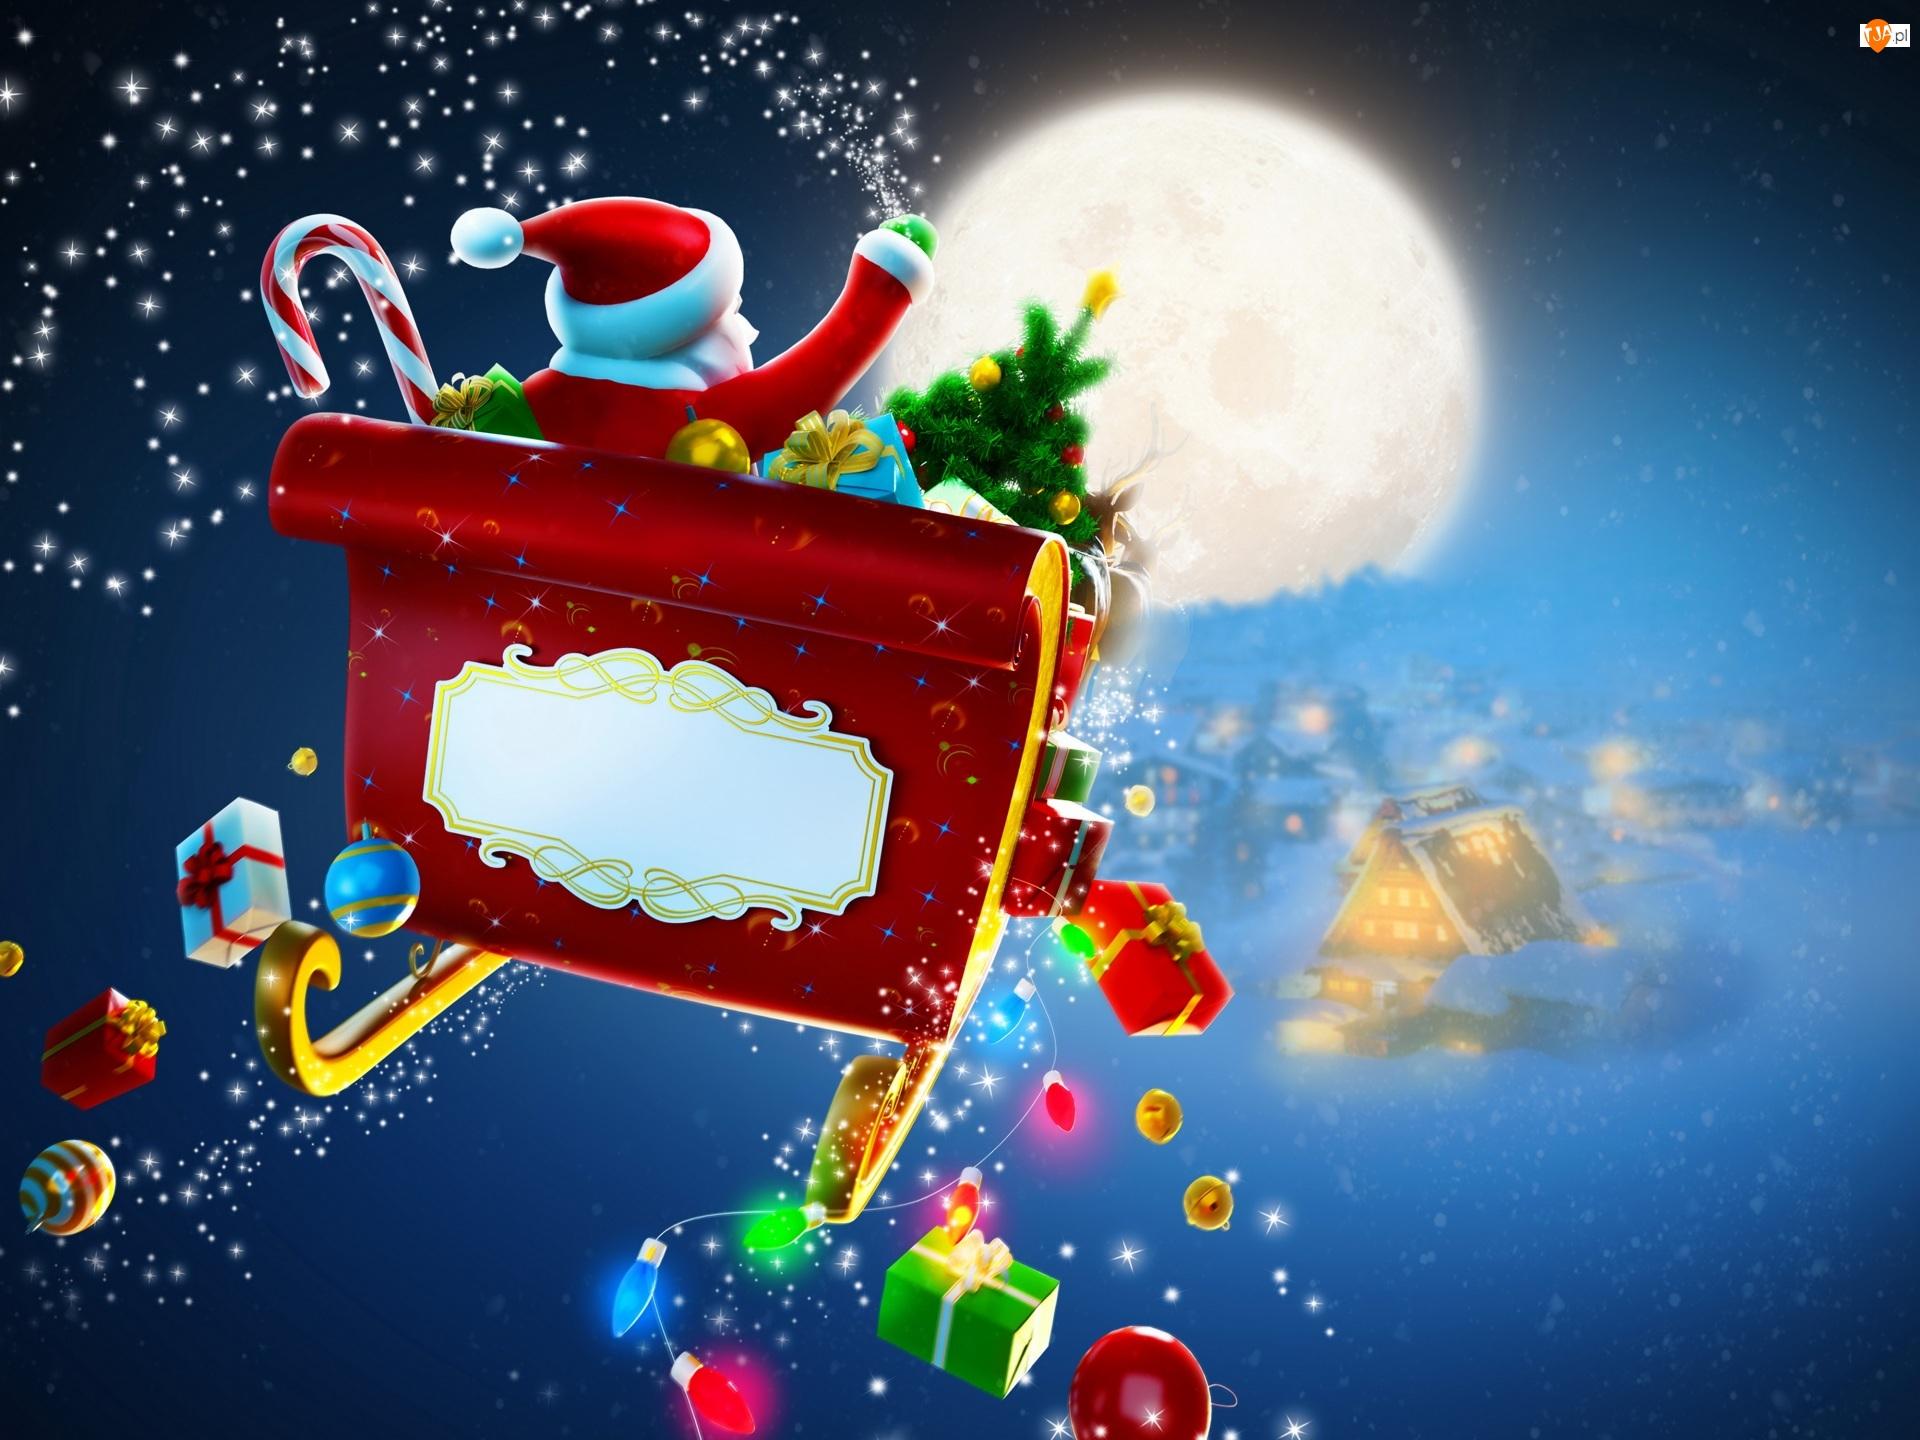 Światełka, Boże Narodzenie, Mikołaj, Sanie, Prezenty